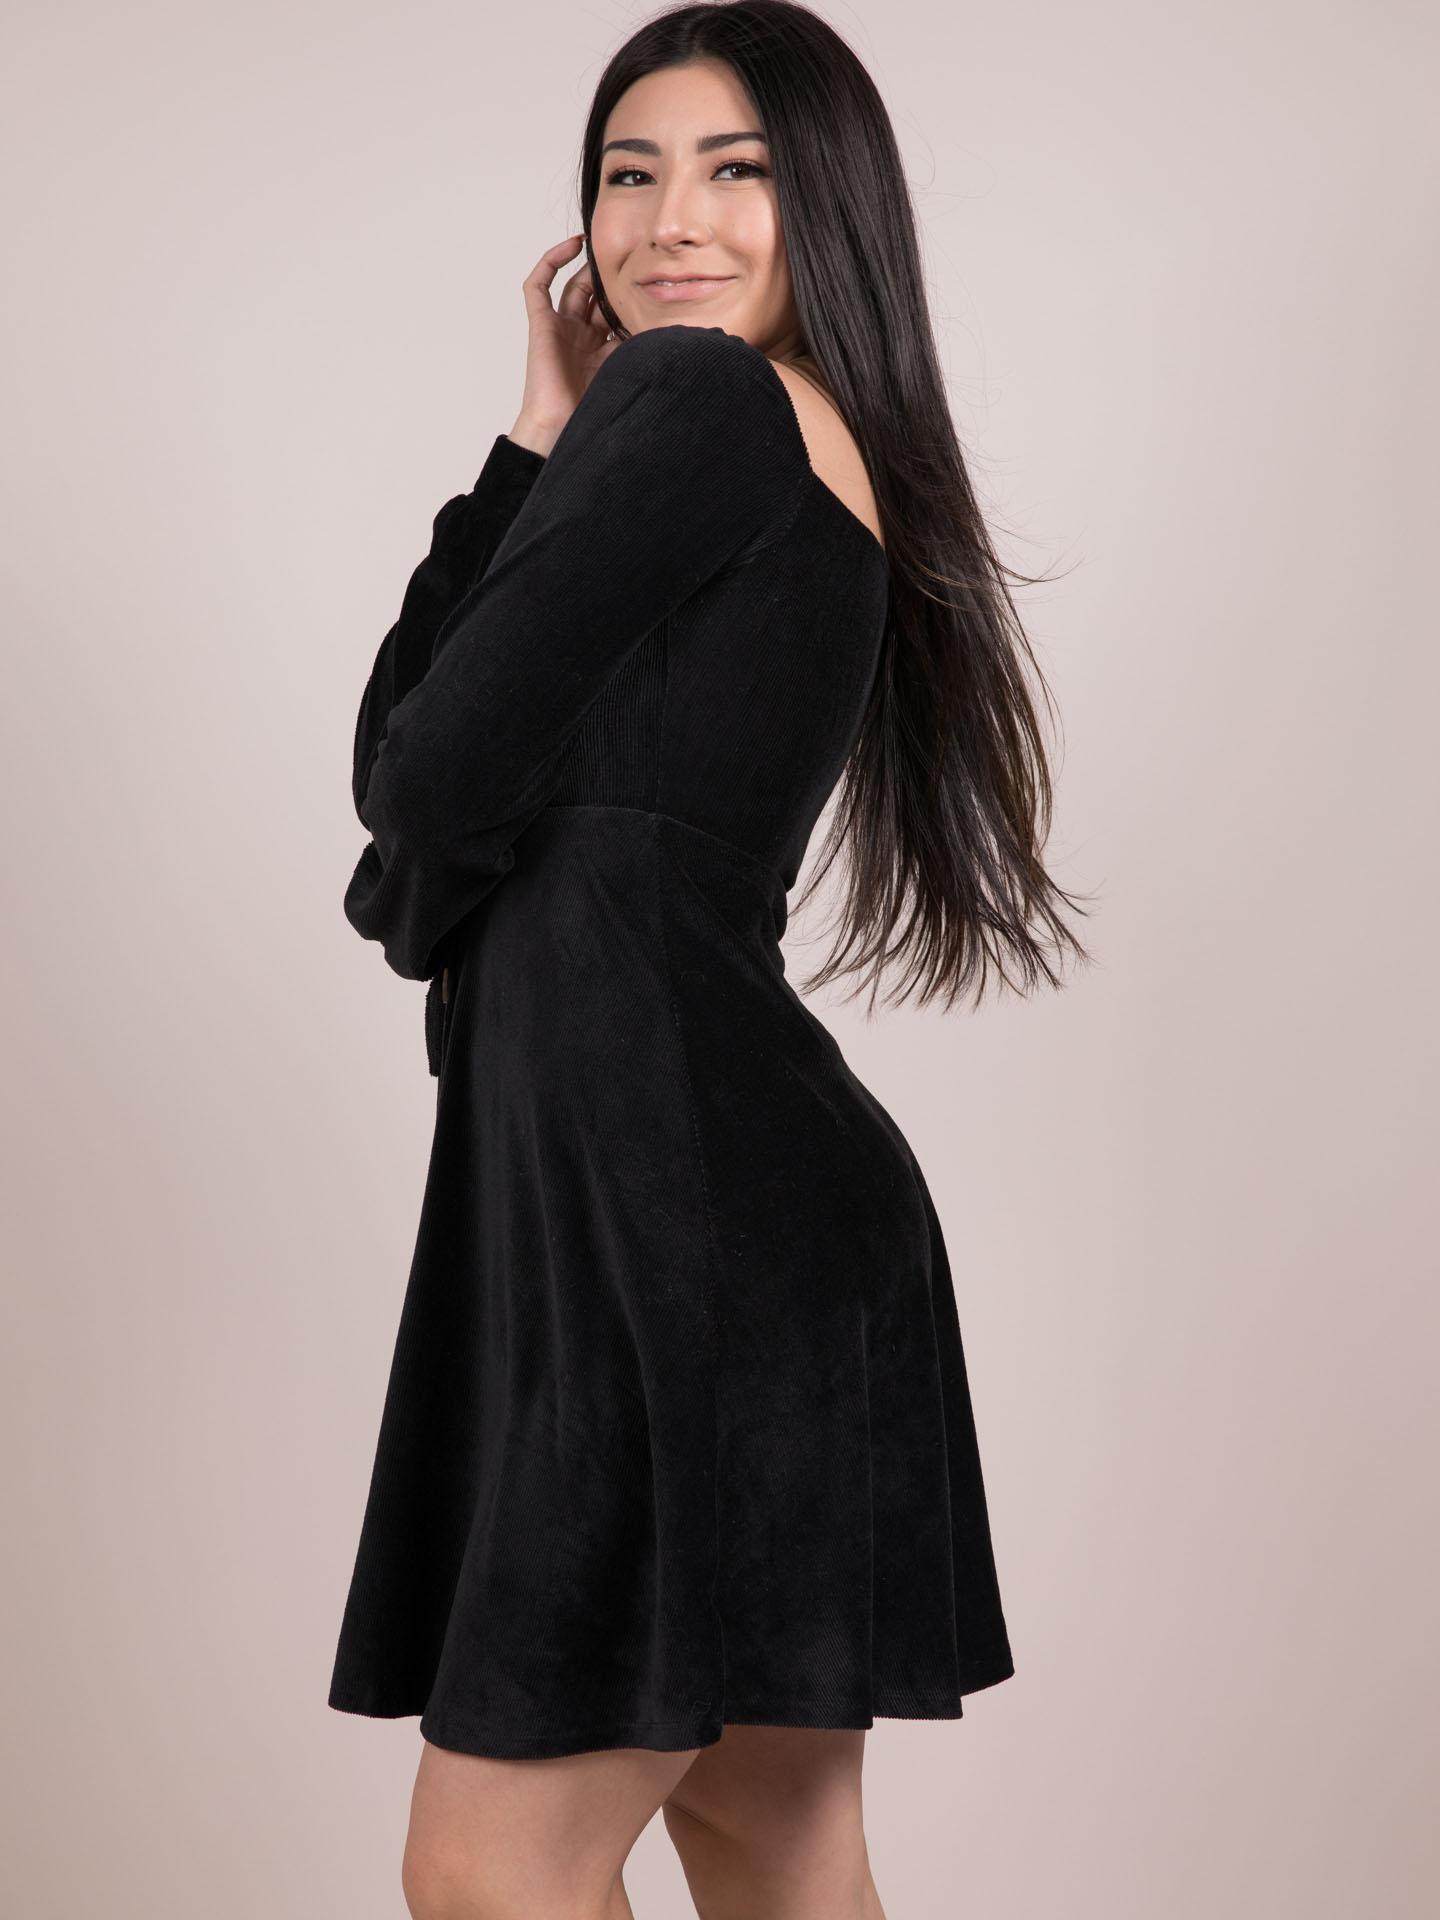 Adalee Dress Velvet Vintage Black Button Side